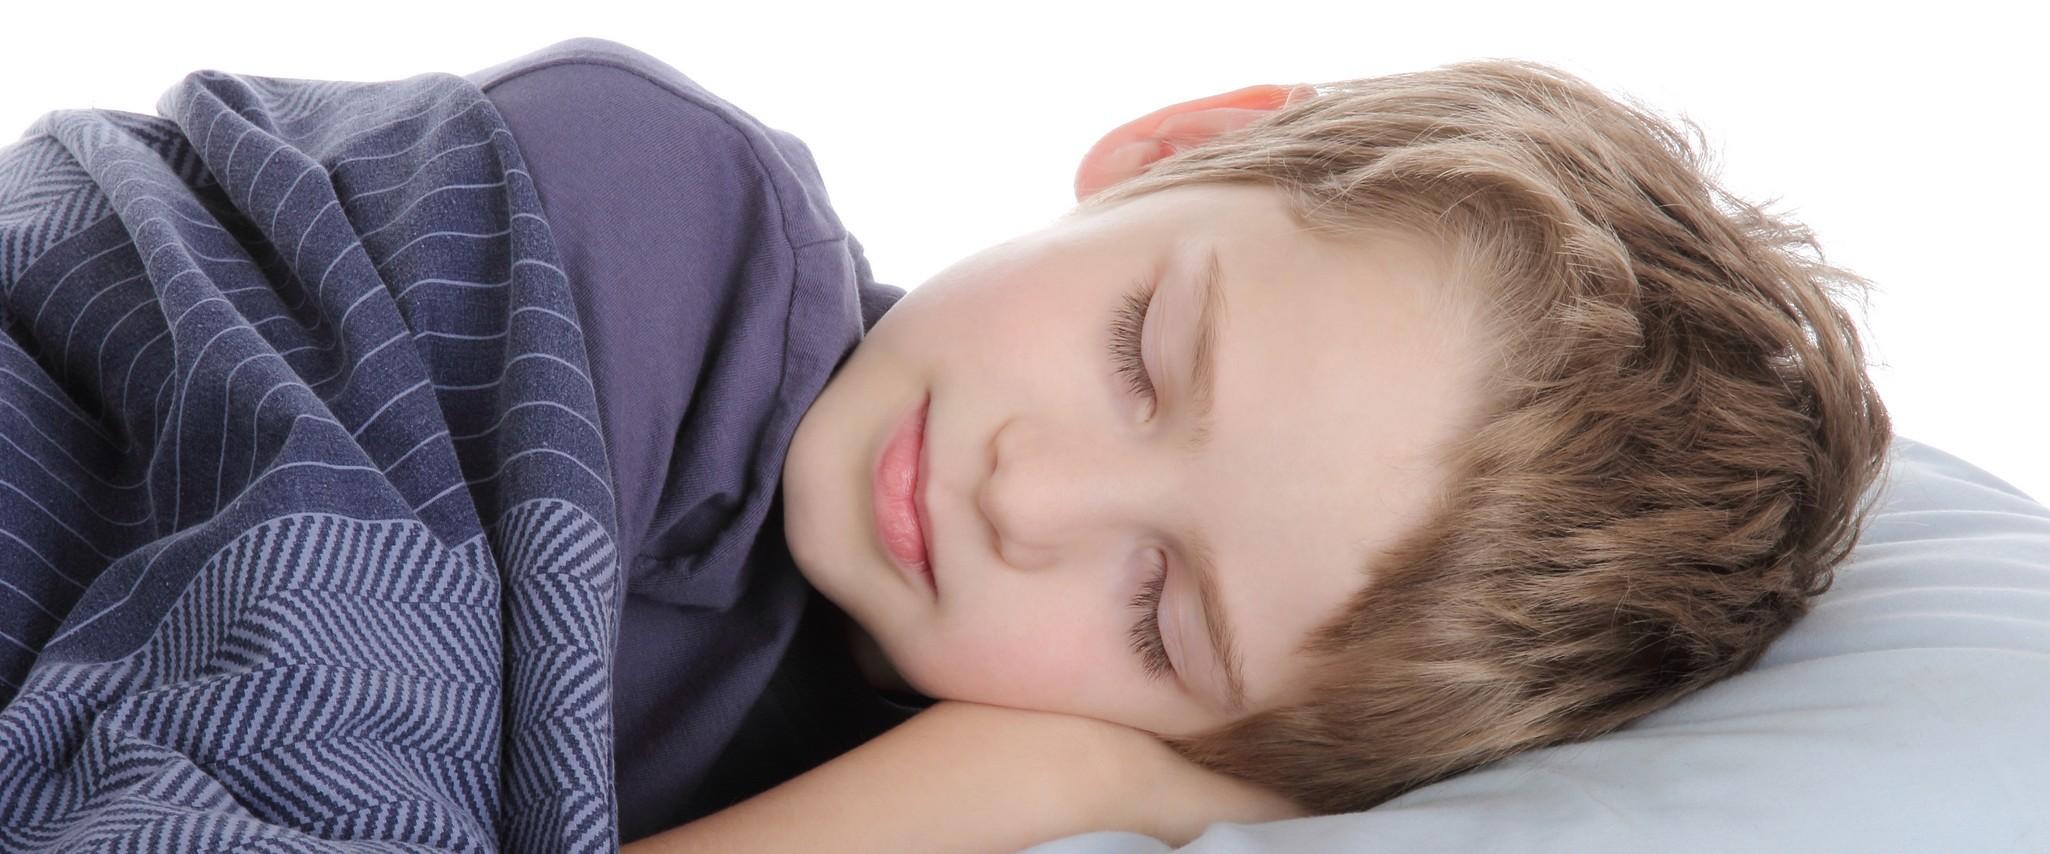 Retrouvez la sérénité pendant son sommeil